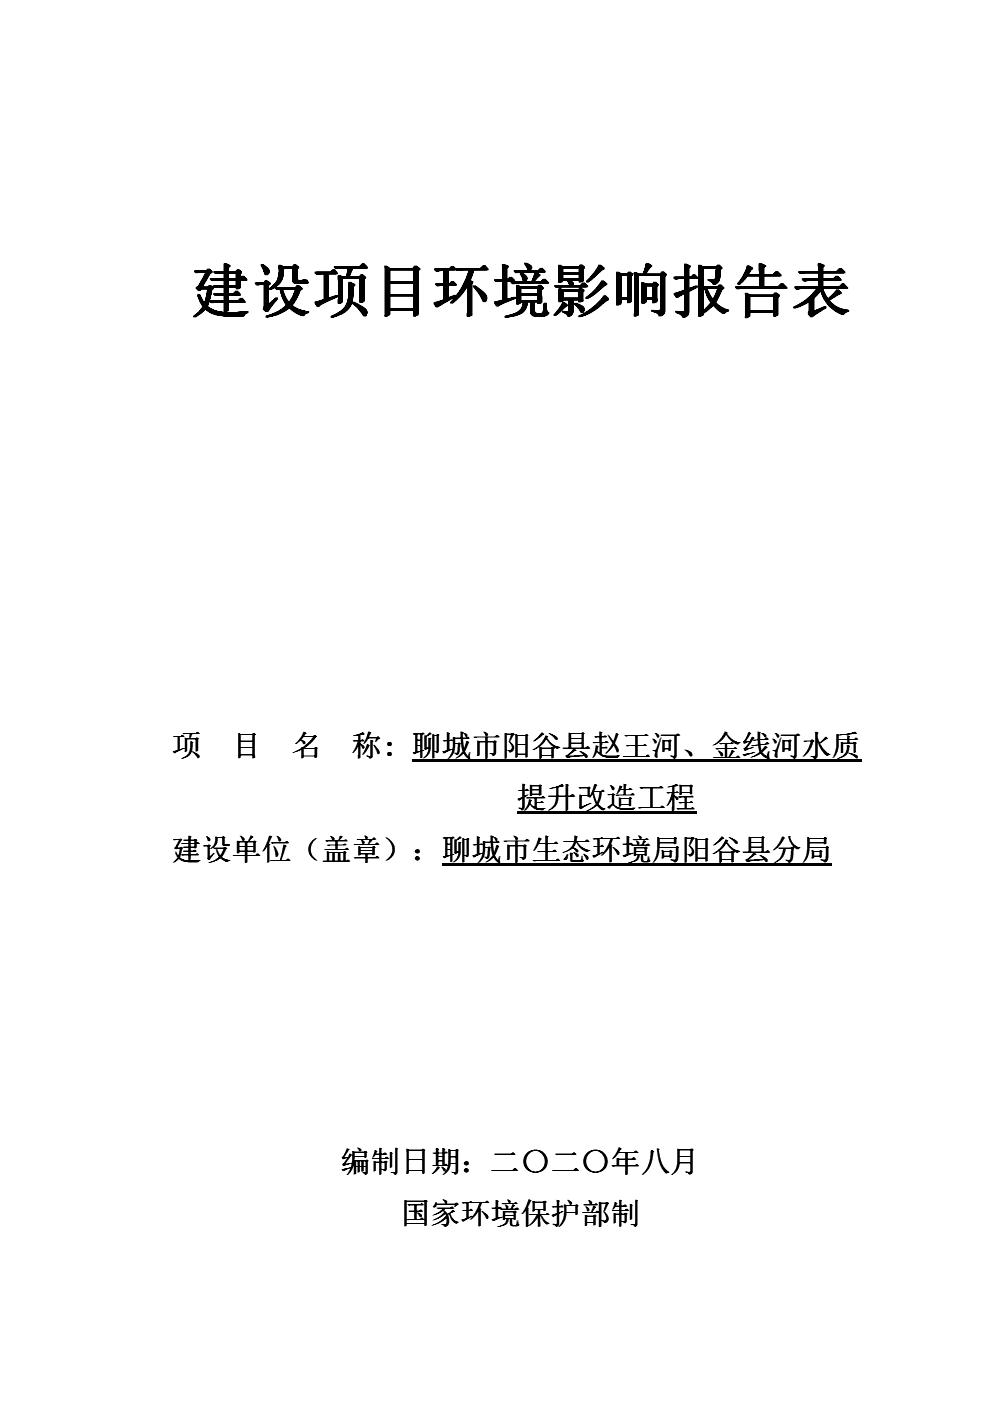 聊城市阳谷县赵王河、金线河水质提升改造工程环境影响报告表.docx